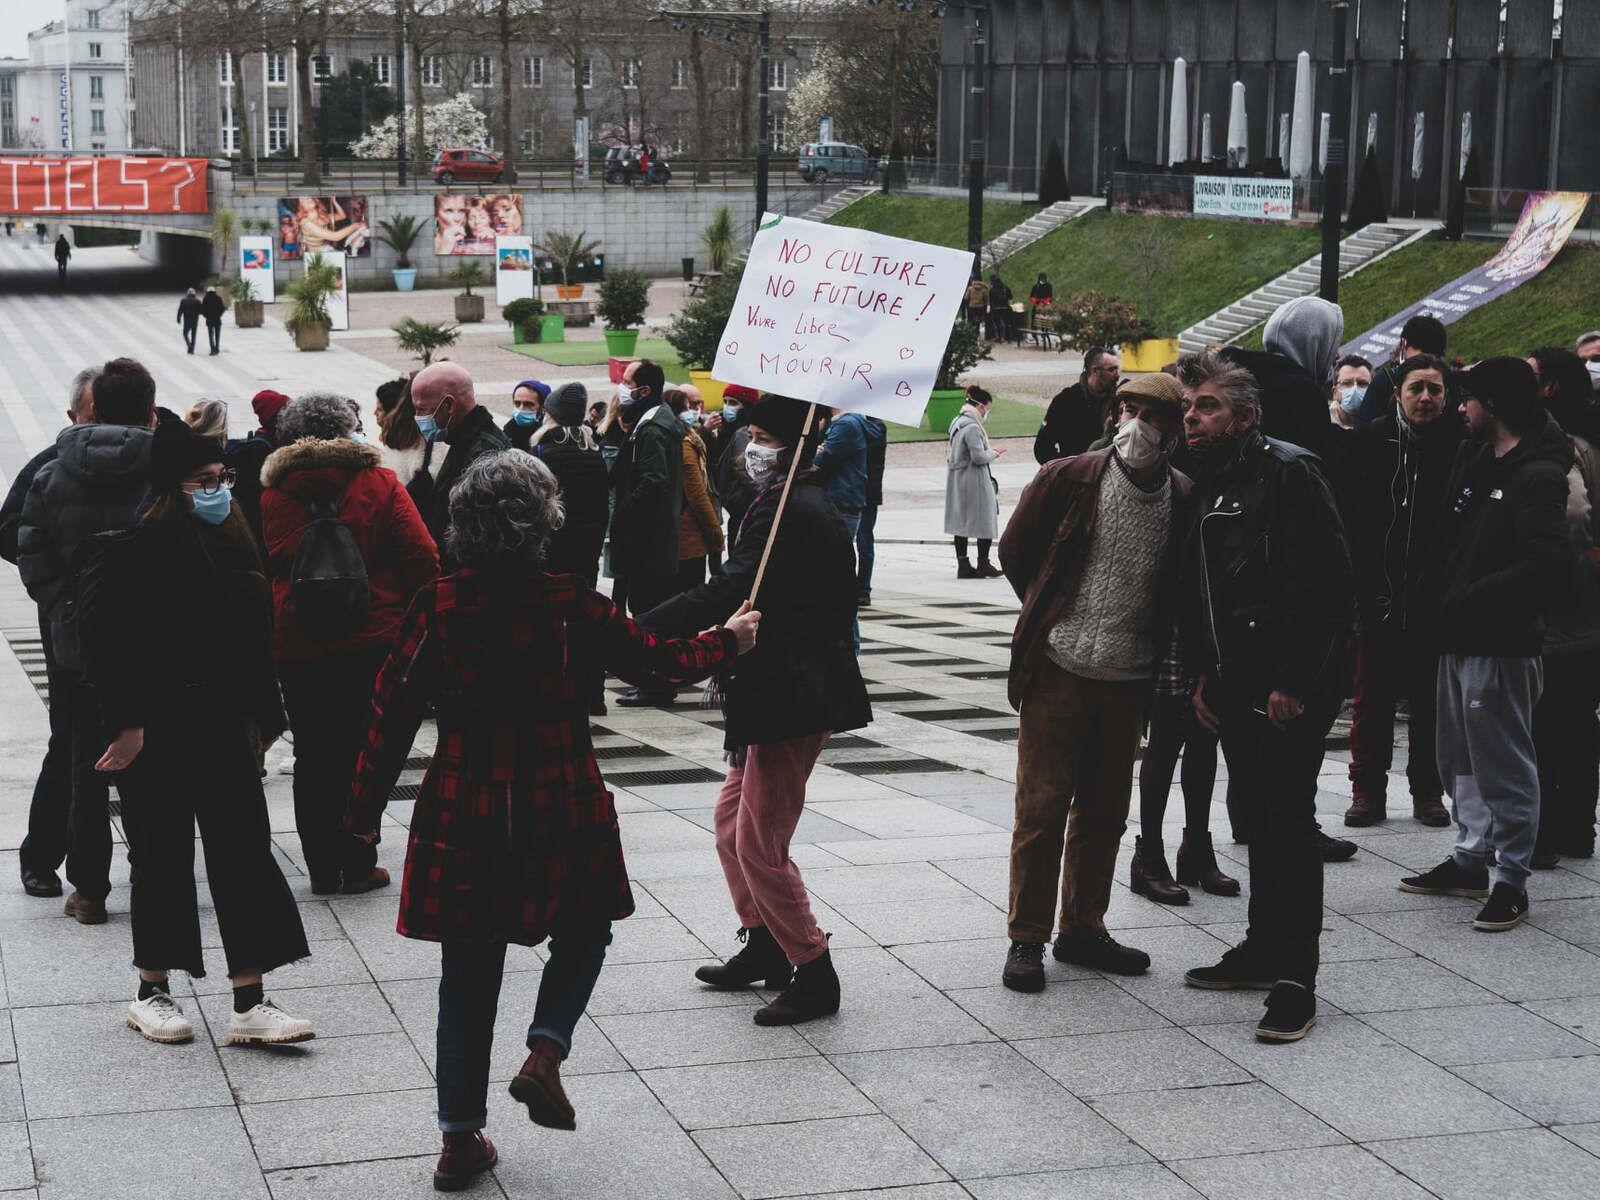 Rassemblement pour la culture et le spectacle vivant à Brest - 4 mars